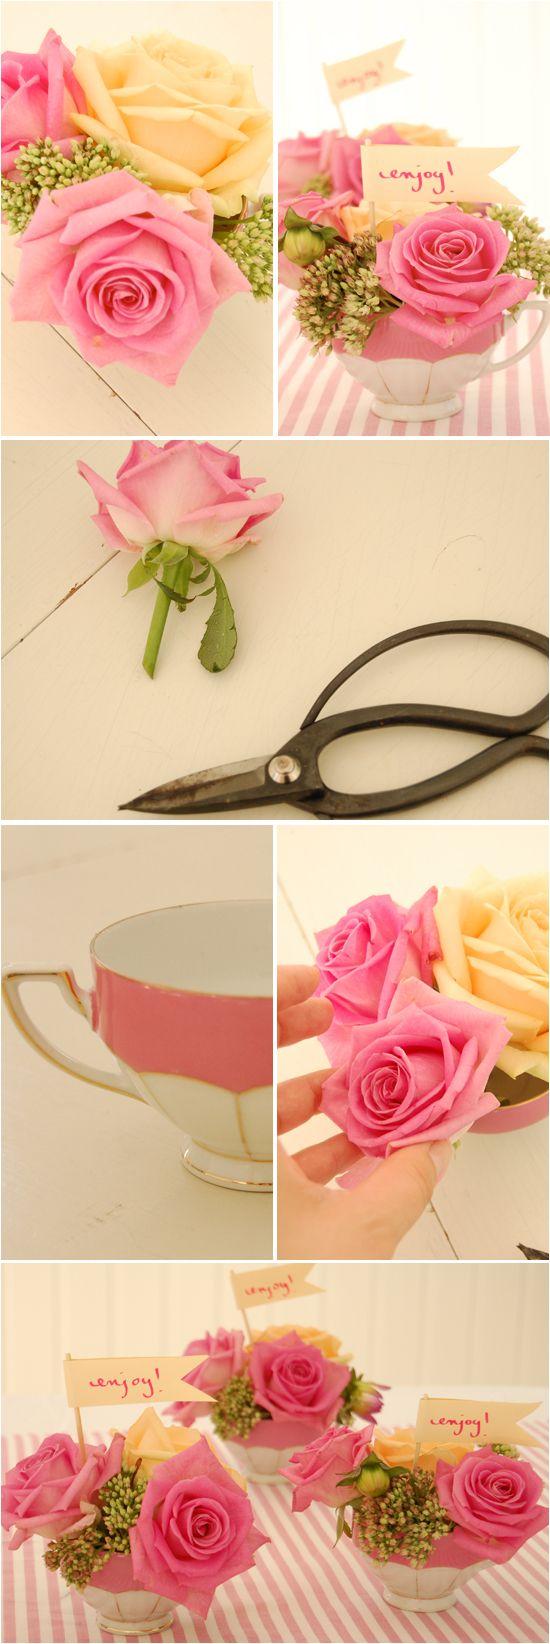 Tea Cup Flower Arrangements: DIY